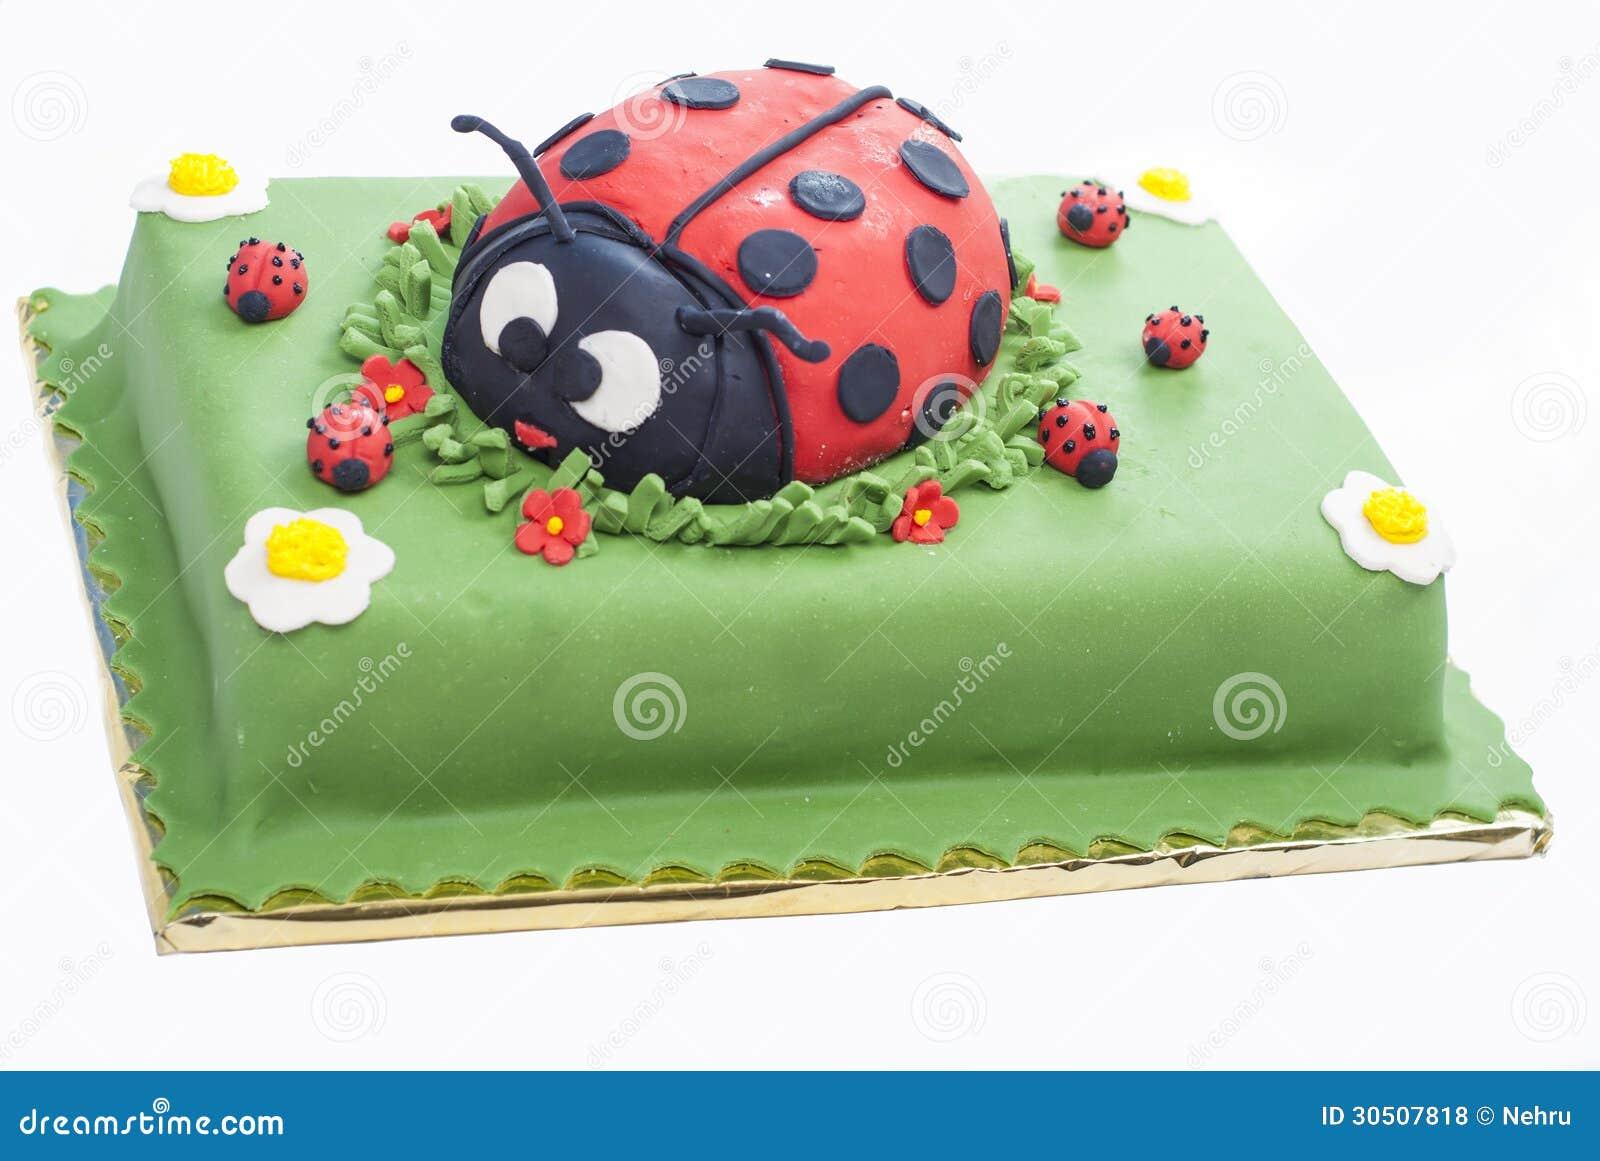 Stupendous Ladybug Birthday Cake Cake Stock Photo Image Of Small 30507818 Personalised Birthday Cards Veneteletsinfo